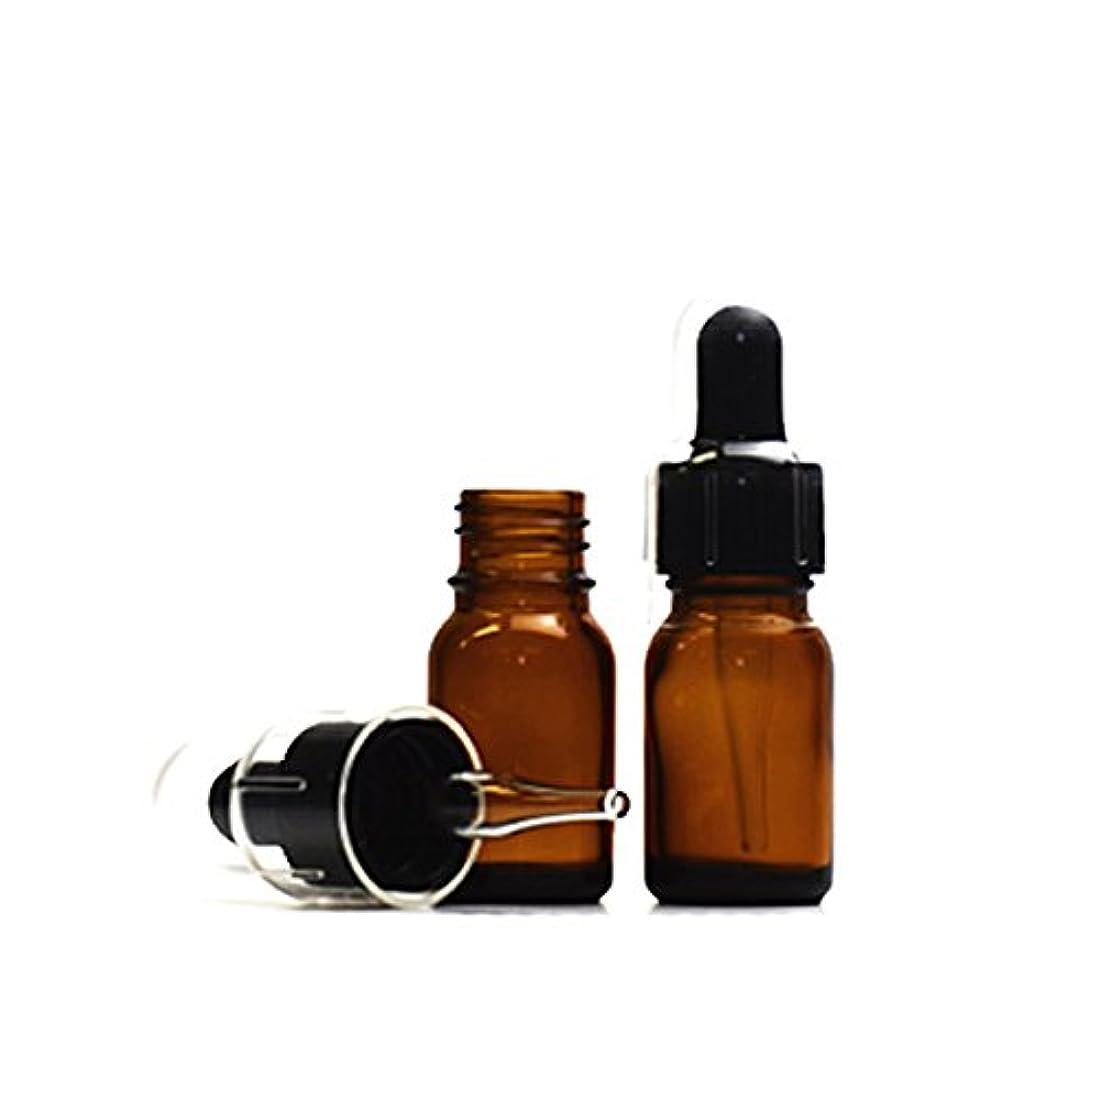 初期の医薬適応スポイトキャップ付茶色遮光瓶10ml (2本セット) (黒/ガラススポイトキャップ付/オーバーキャップ付)